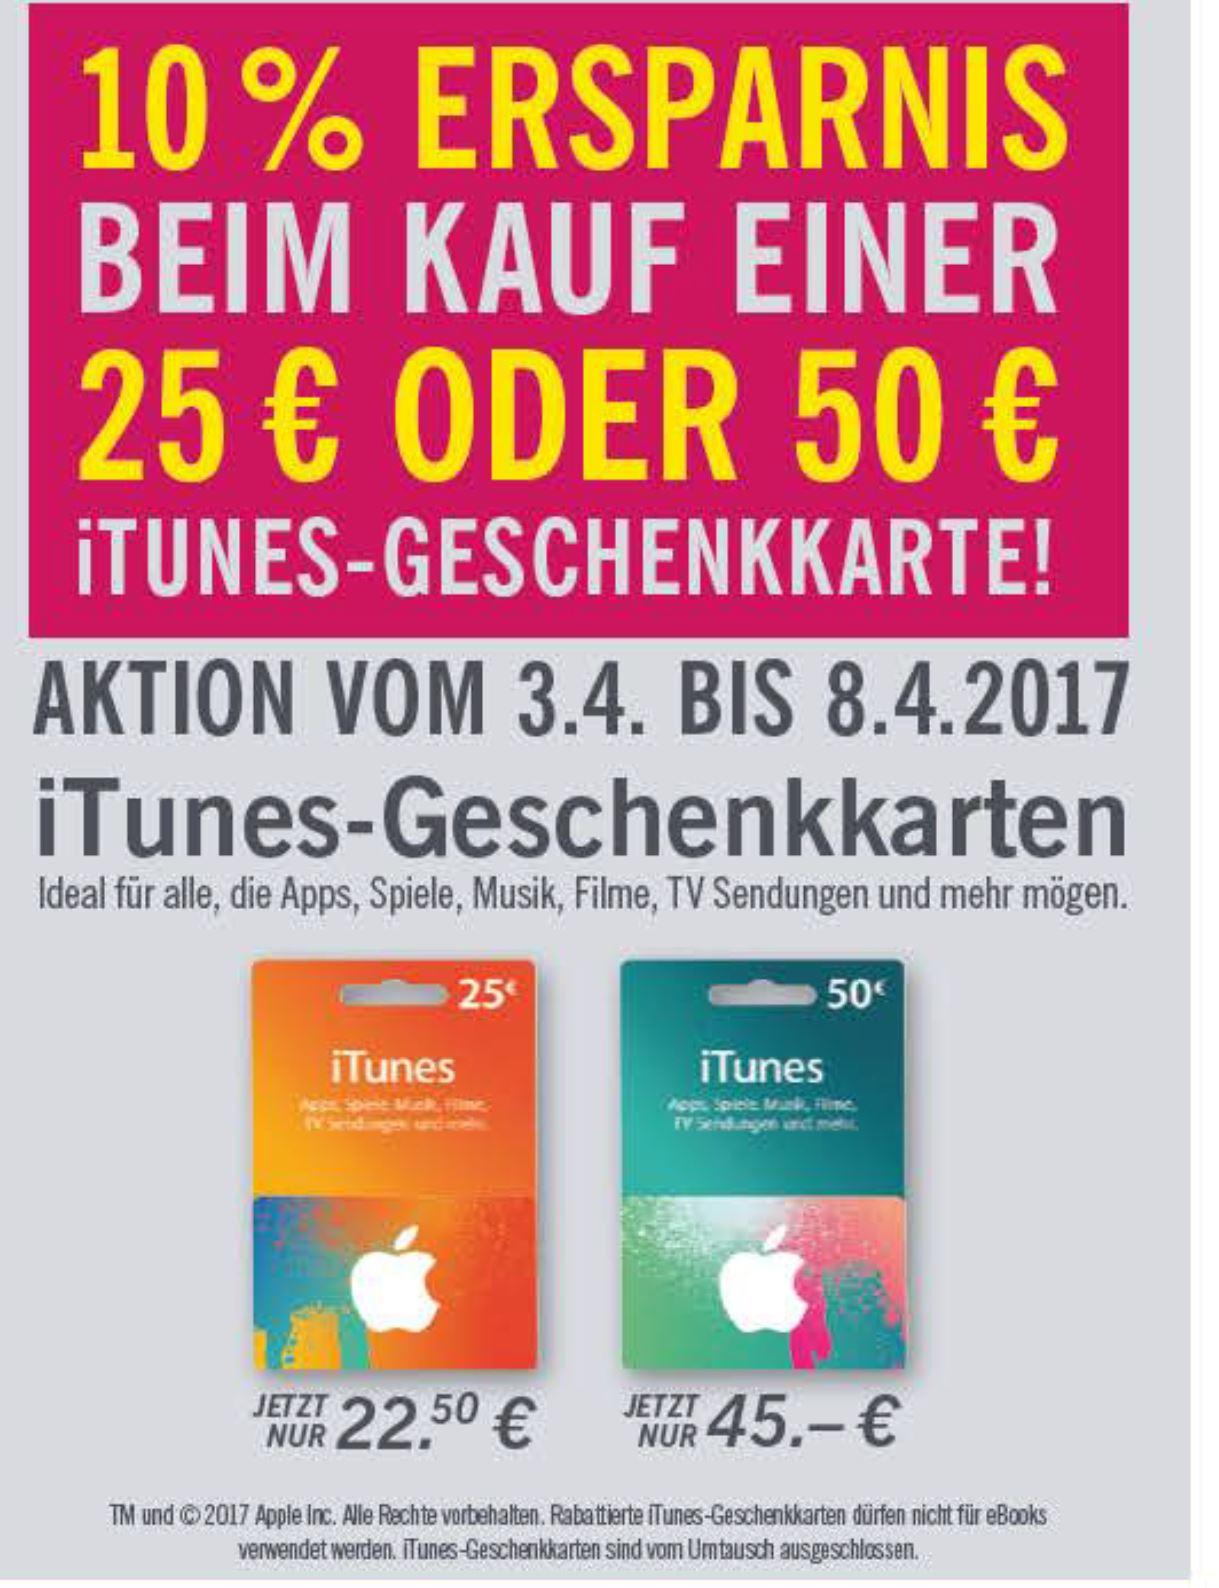 itunes Geschenkkarten mit 10% Rabatt, 25 € Karte für 22,50 €, 50 € Karte für 45 € im Lidl